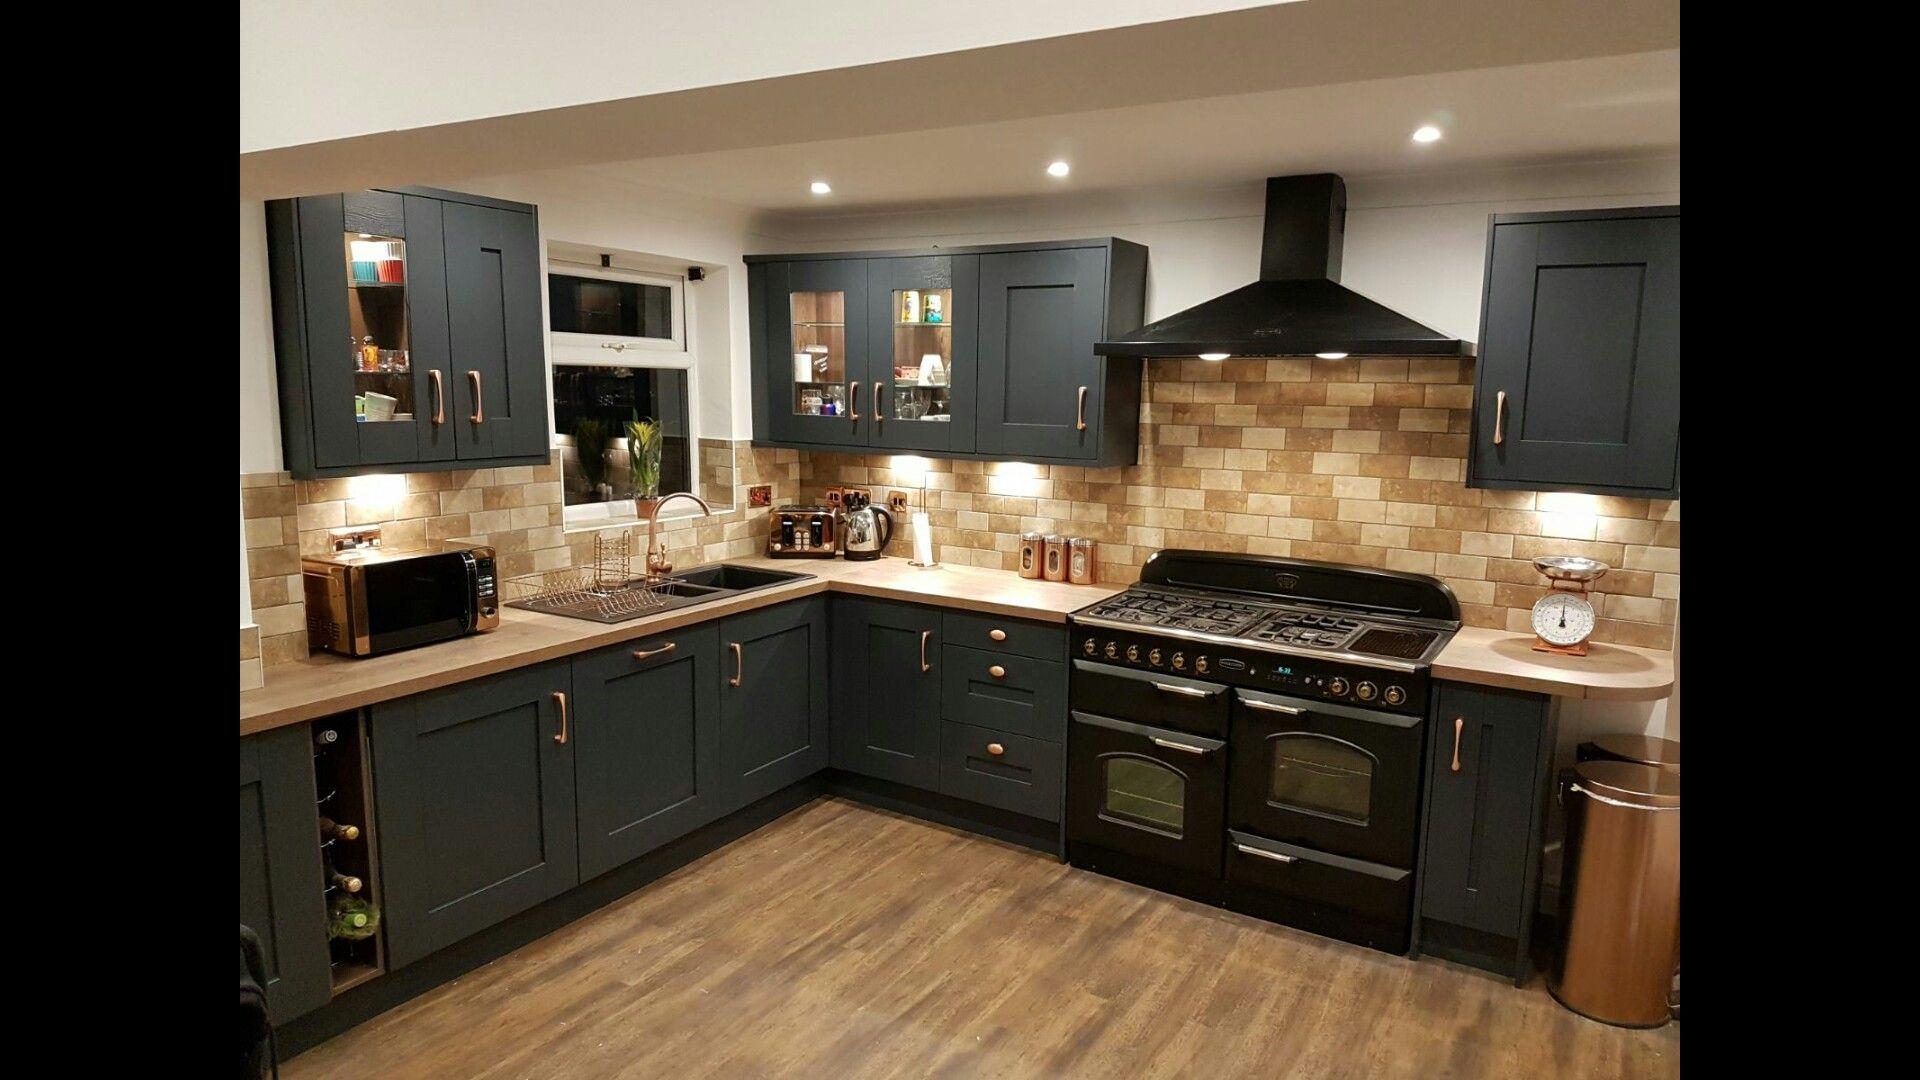 Graphite Copper Kitchen Kitchen Design Kitchen Decor Home Decor Kitchen